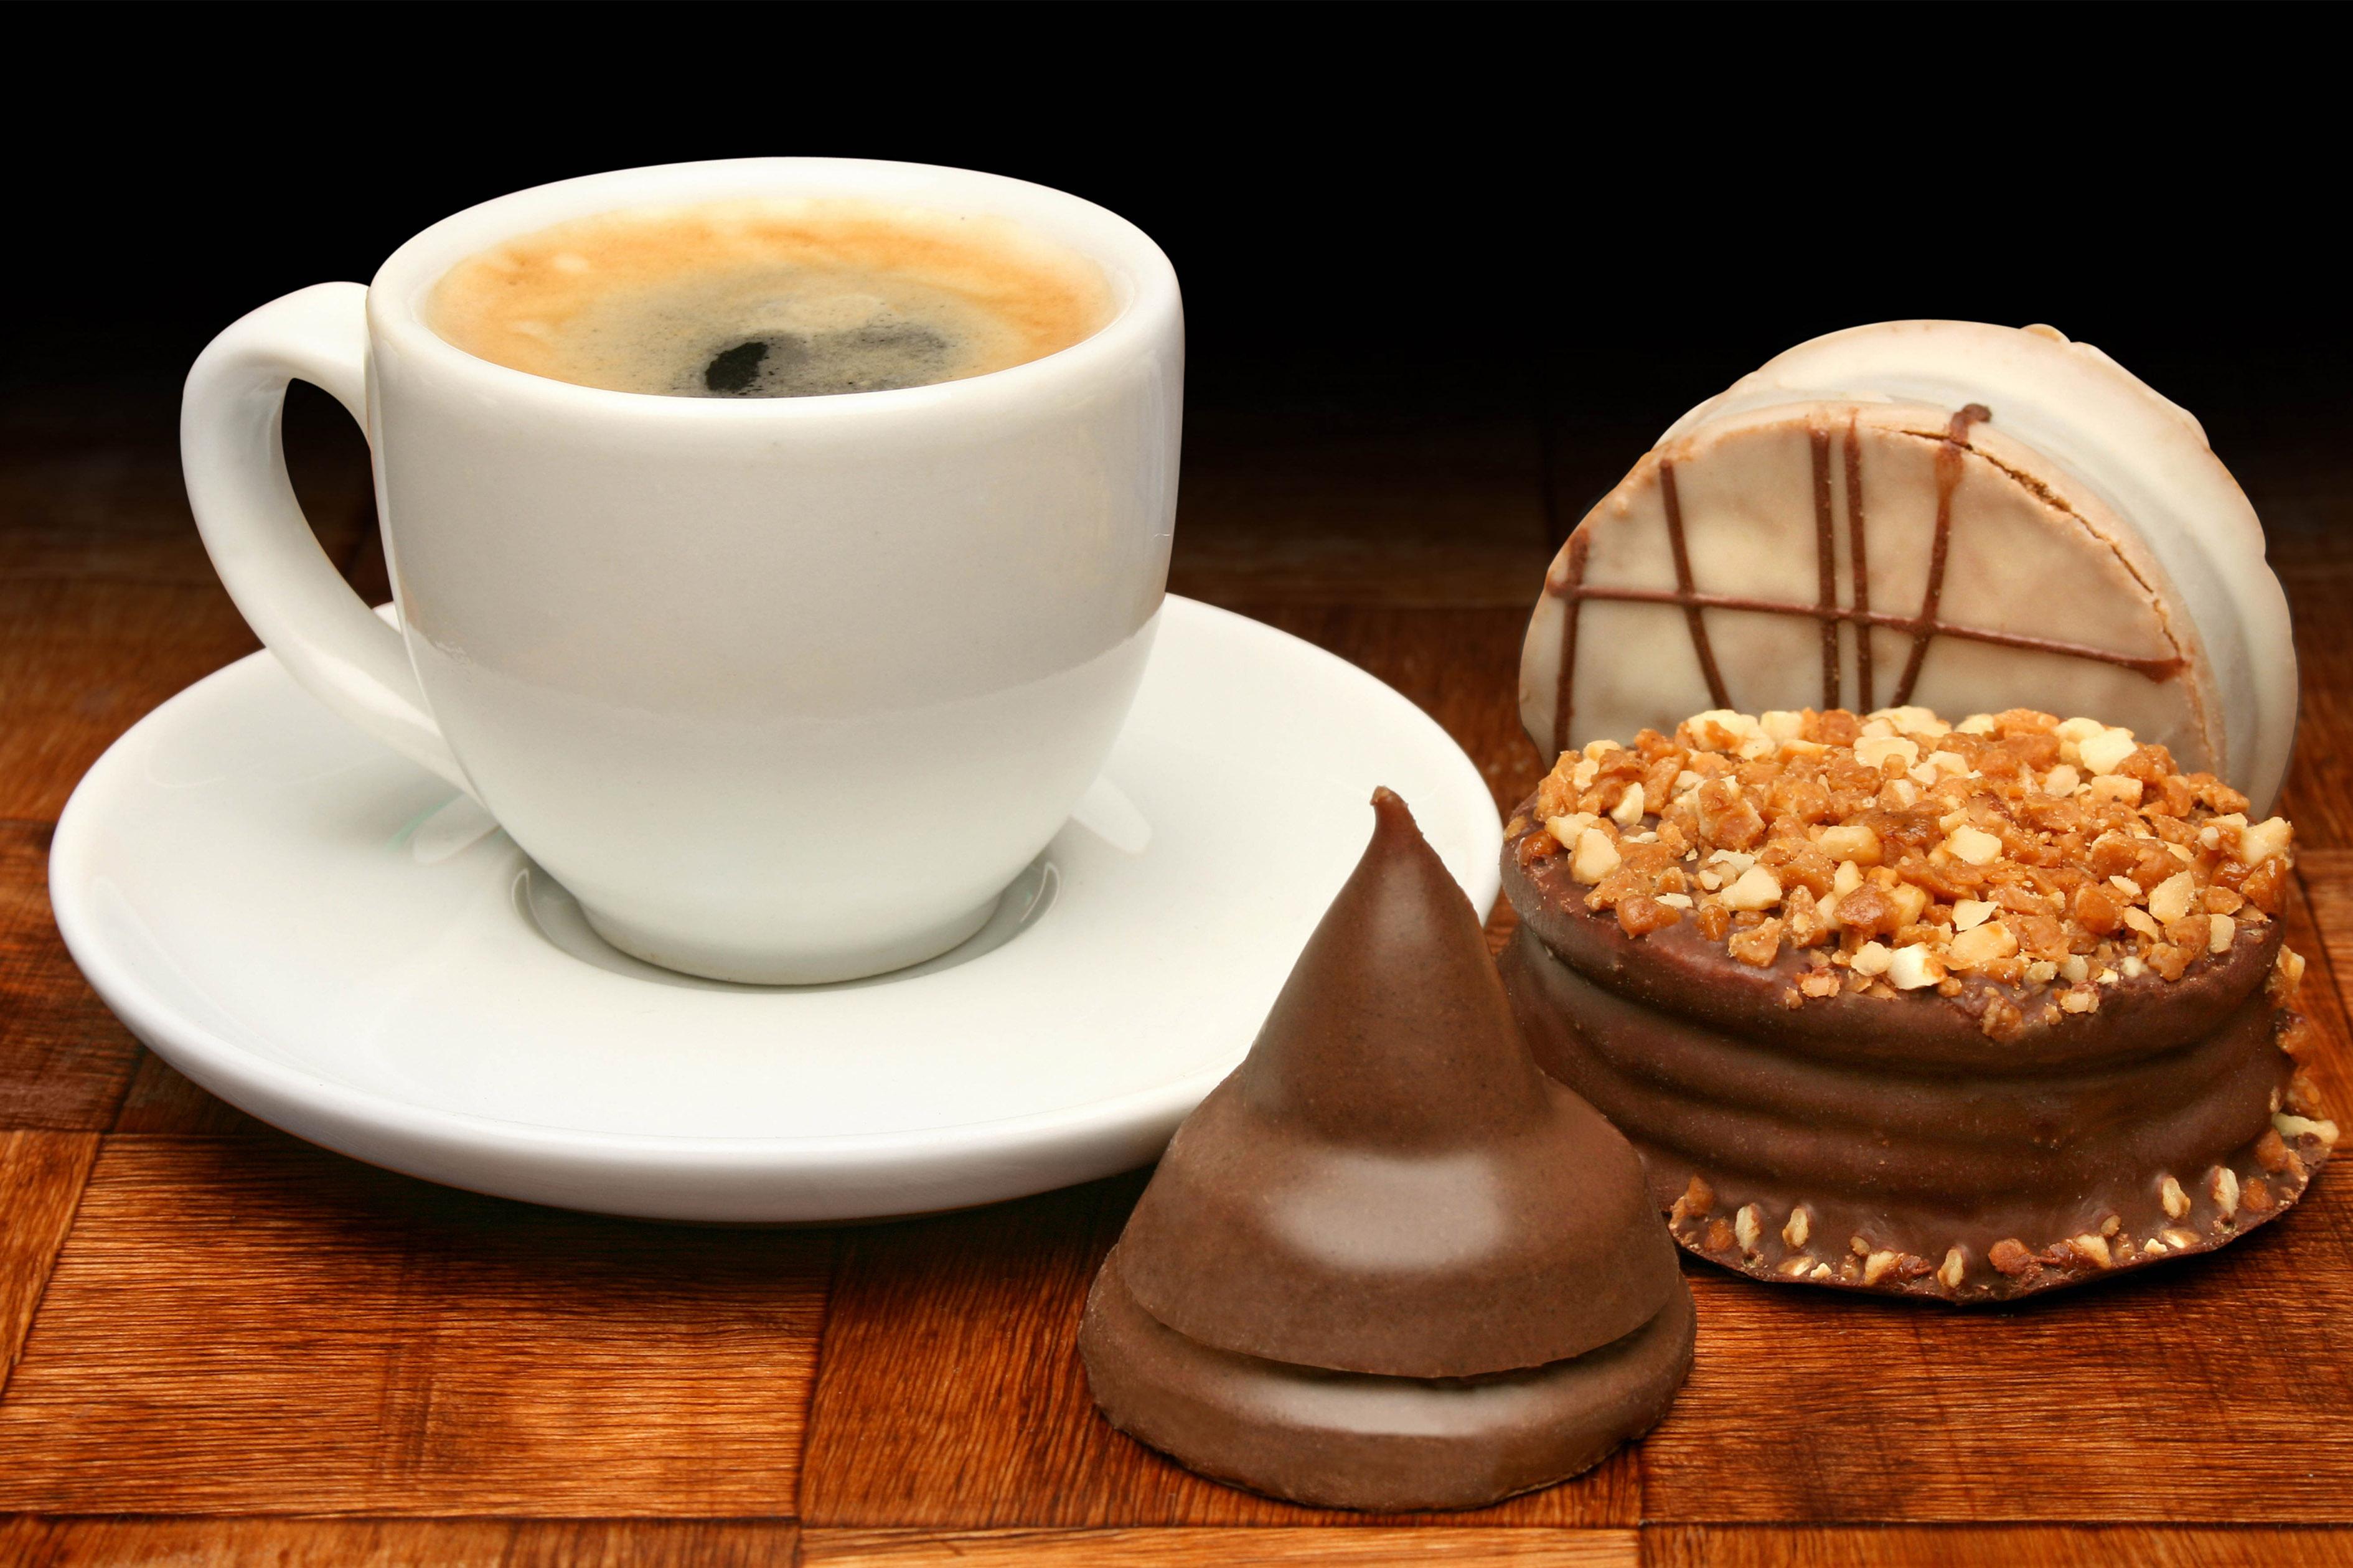 Картинки чашки кофе с пирожными